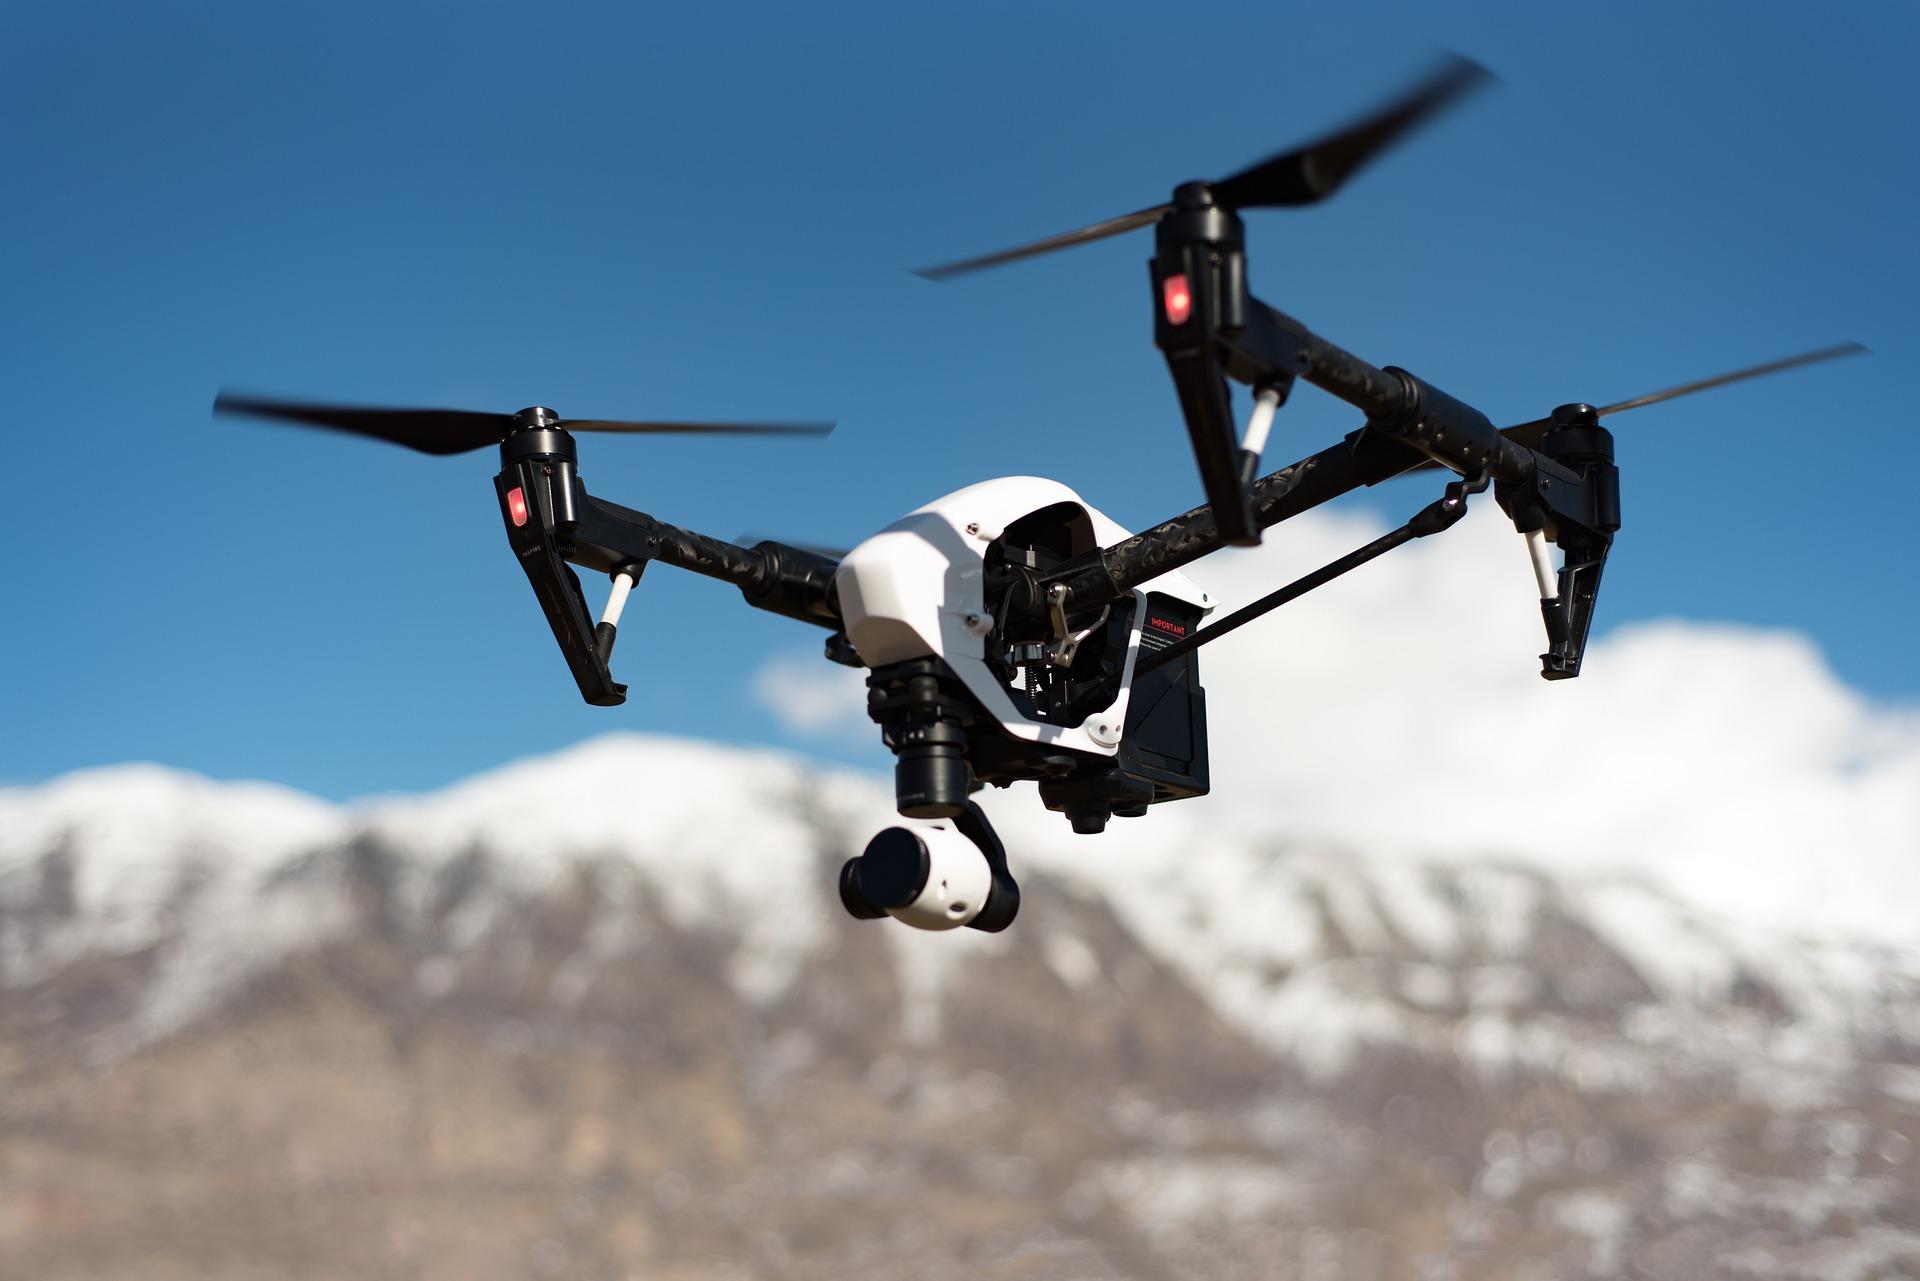 drone-1245980_1920